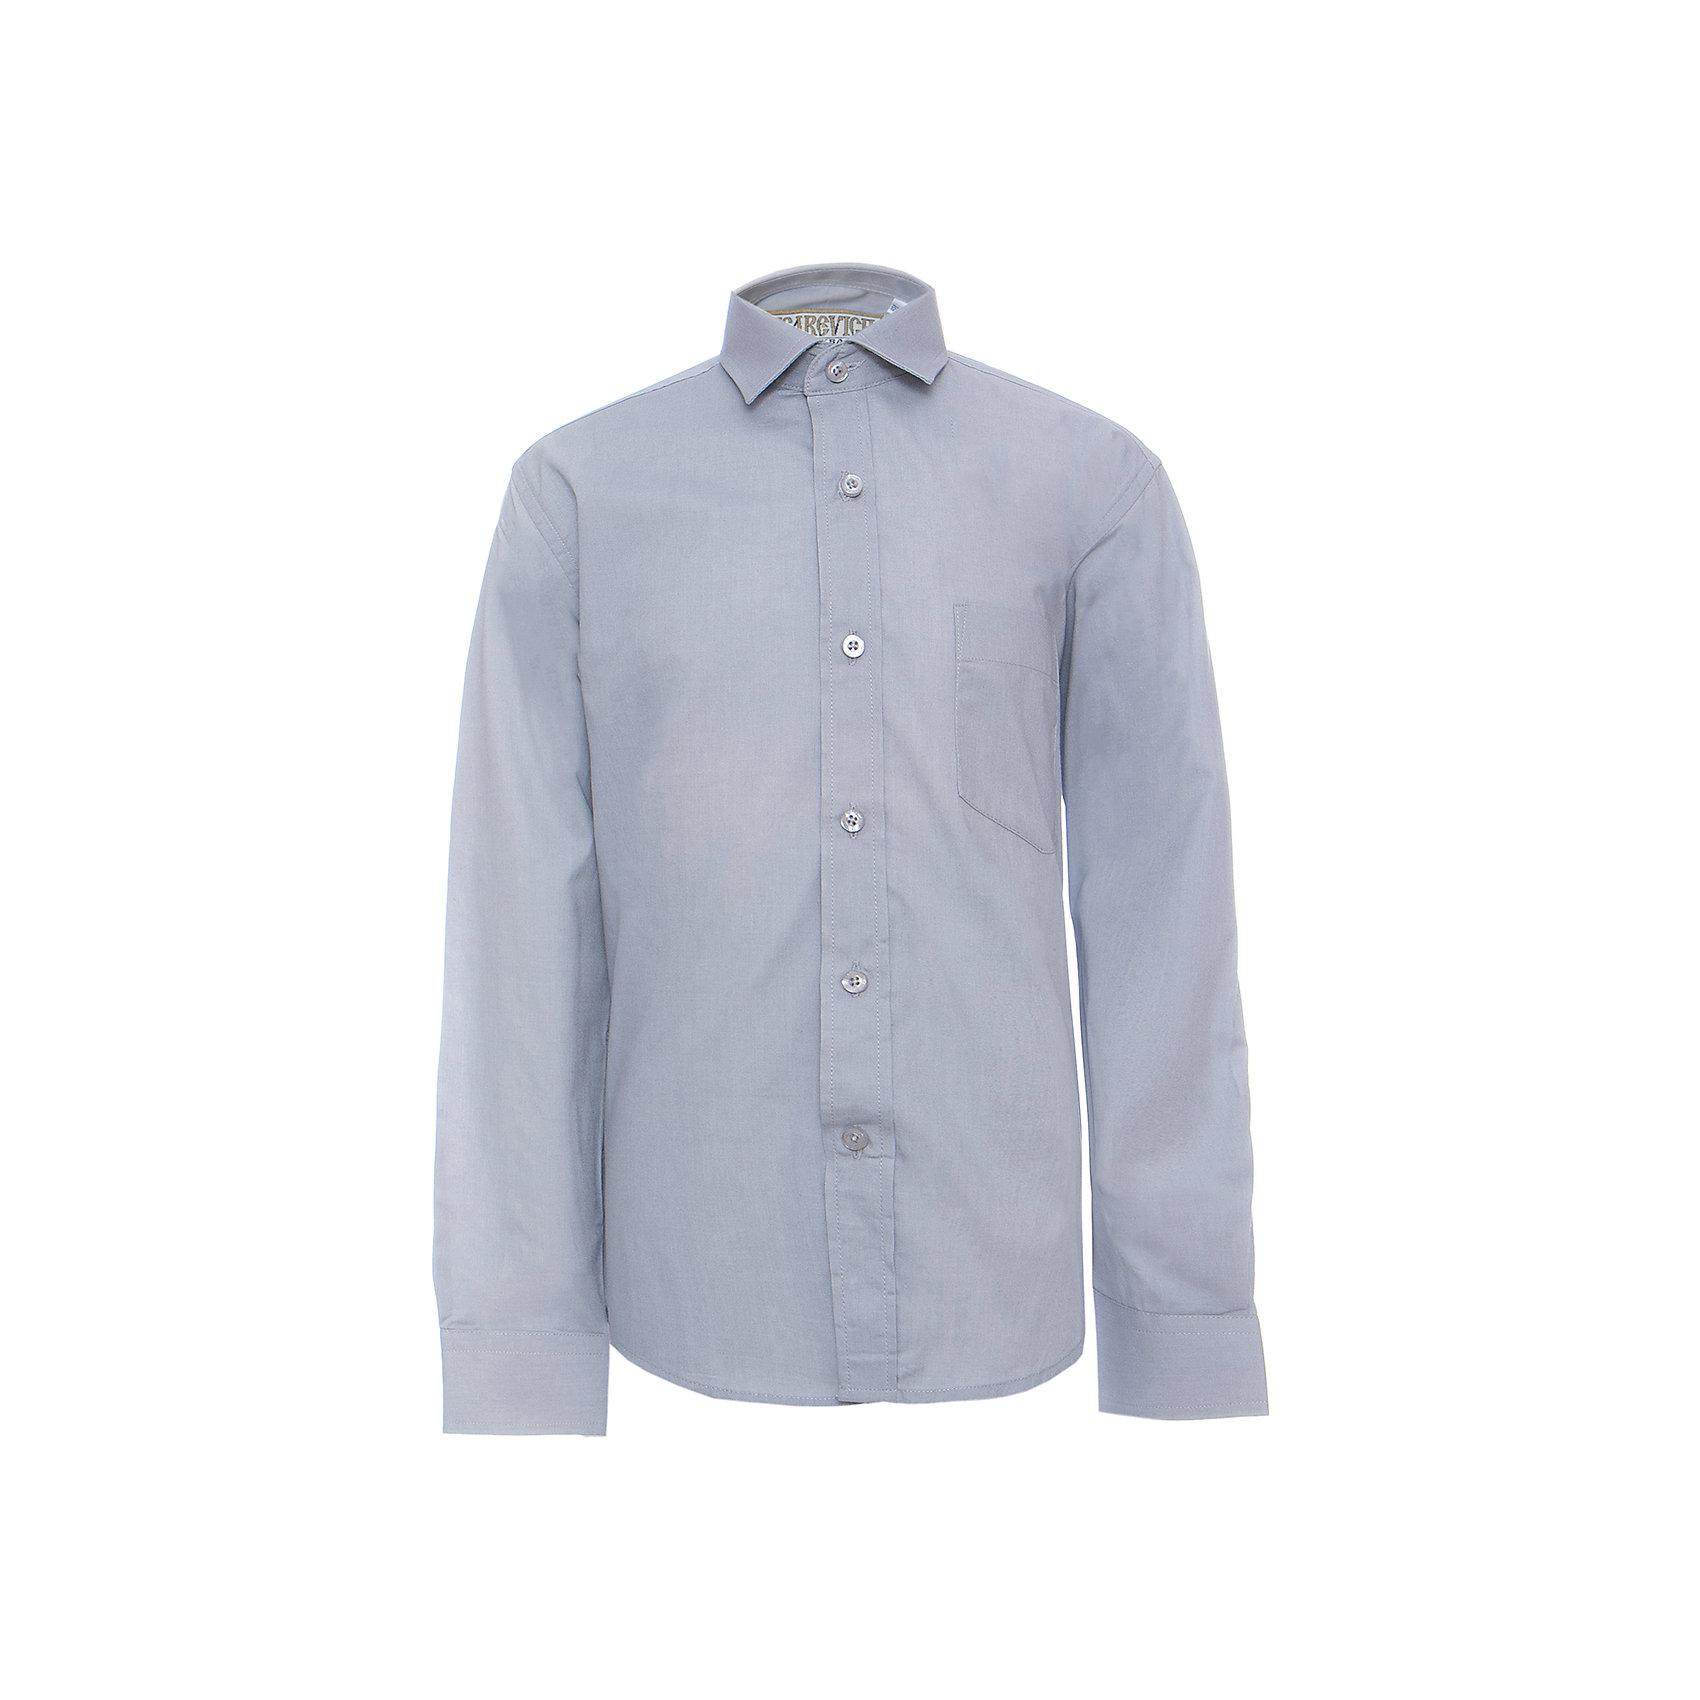 Рубашка для мальчика TsarevichБлузки и рубашки<br>Классическая рубашка - неотьемлемая вещь в гардеробе. Модель на пуговицах, с отложным воротником. Свободный покрой не стеснит движений и позволит чувствовать себя комфортно каждый день.  Состав 80 % хл. 20% П/Э<br><br>Ширина мм: 174<br>Глубина мм: 10<br>Высота мм: 169<br>Вес г: 157<br>Цвет: серый<br>Возраст от месяцев: 132<br>Возраст до месяцев: 144<br>Пол: Мужской<br>Возраст: Детский<br>Размер: 146/152,164/170,122/128,128/134,134/140,140/146,146/152,152/158,152/158,158/164<br>SKU: 4749359